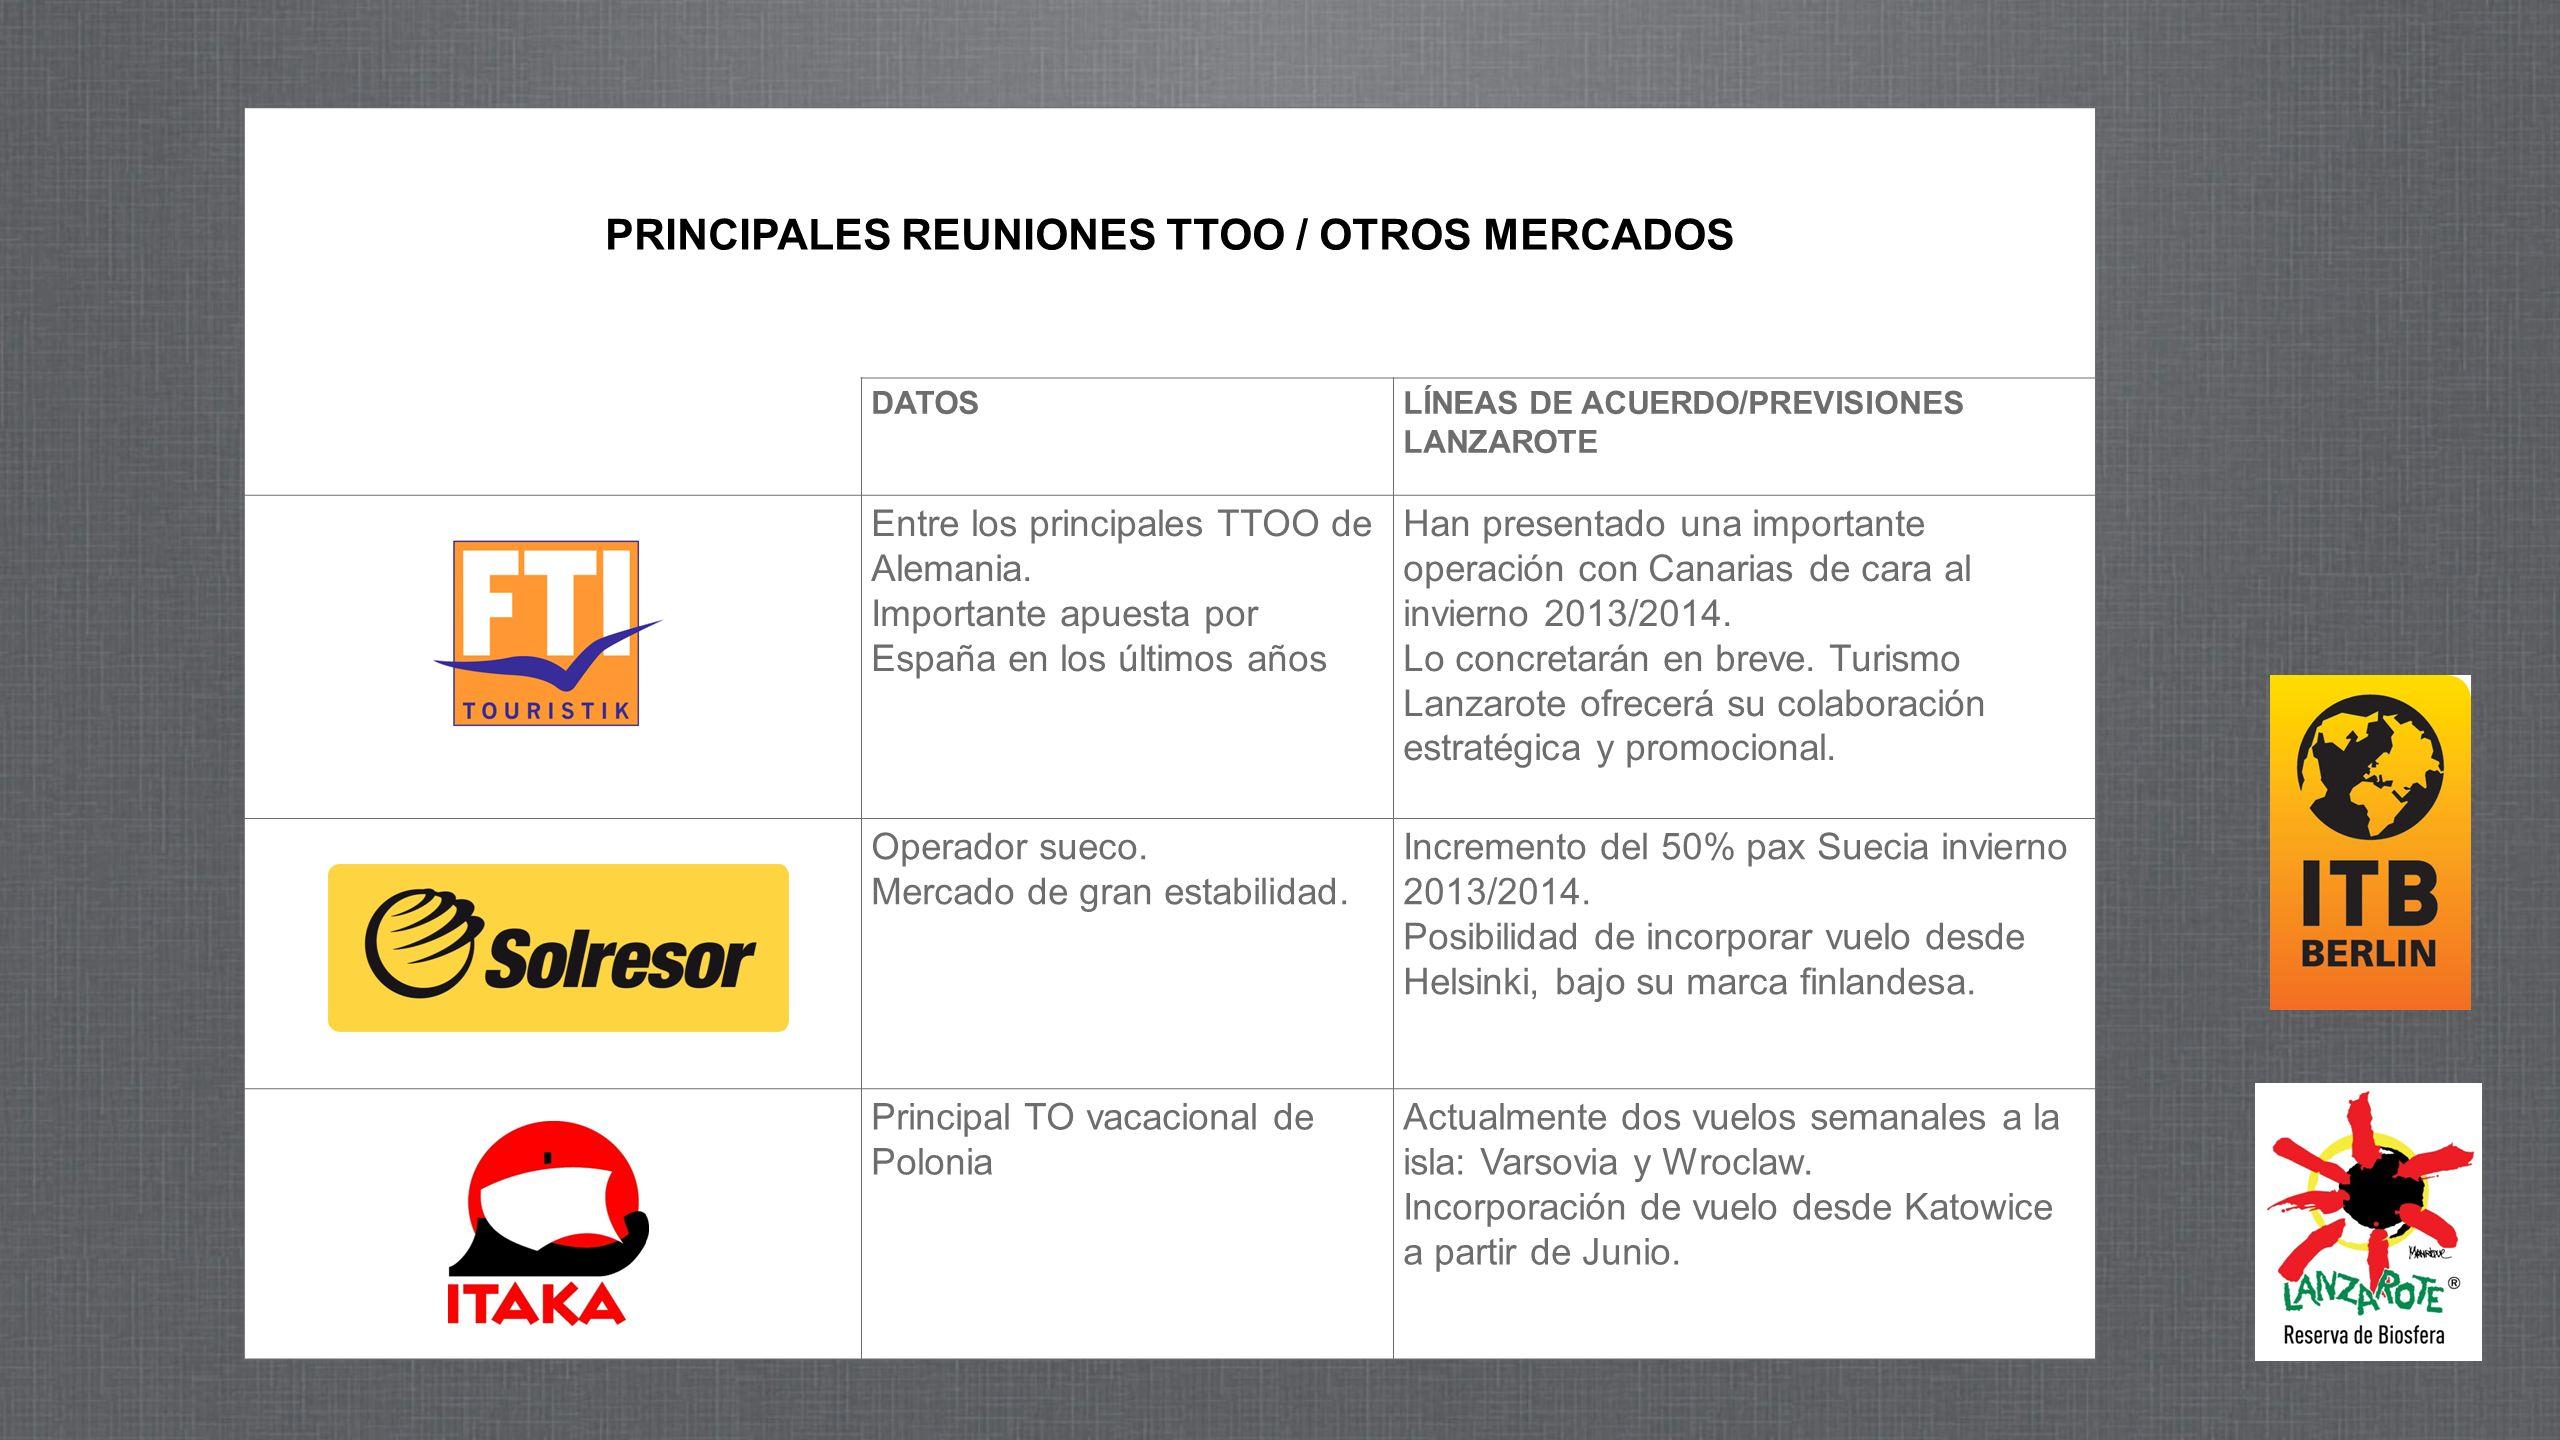 PRINCIPALES REUNIONES TTOO / OTROS MERCADOS